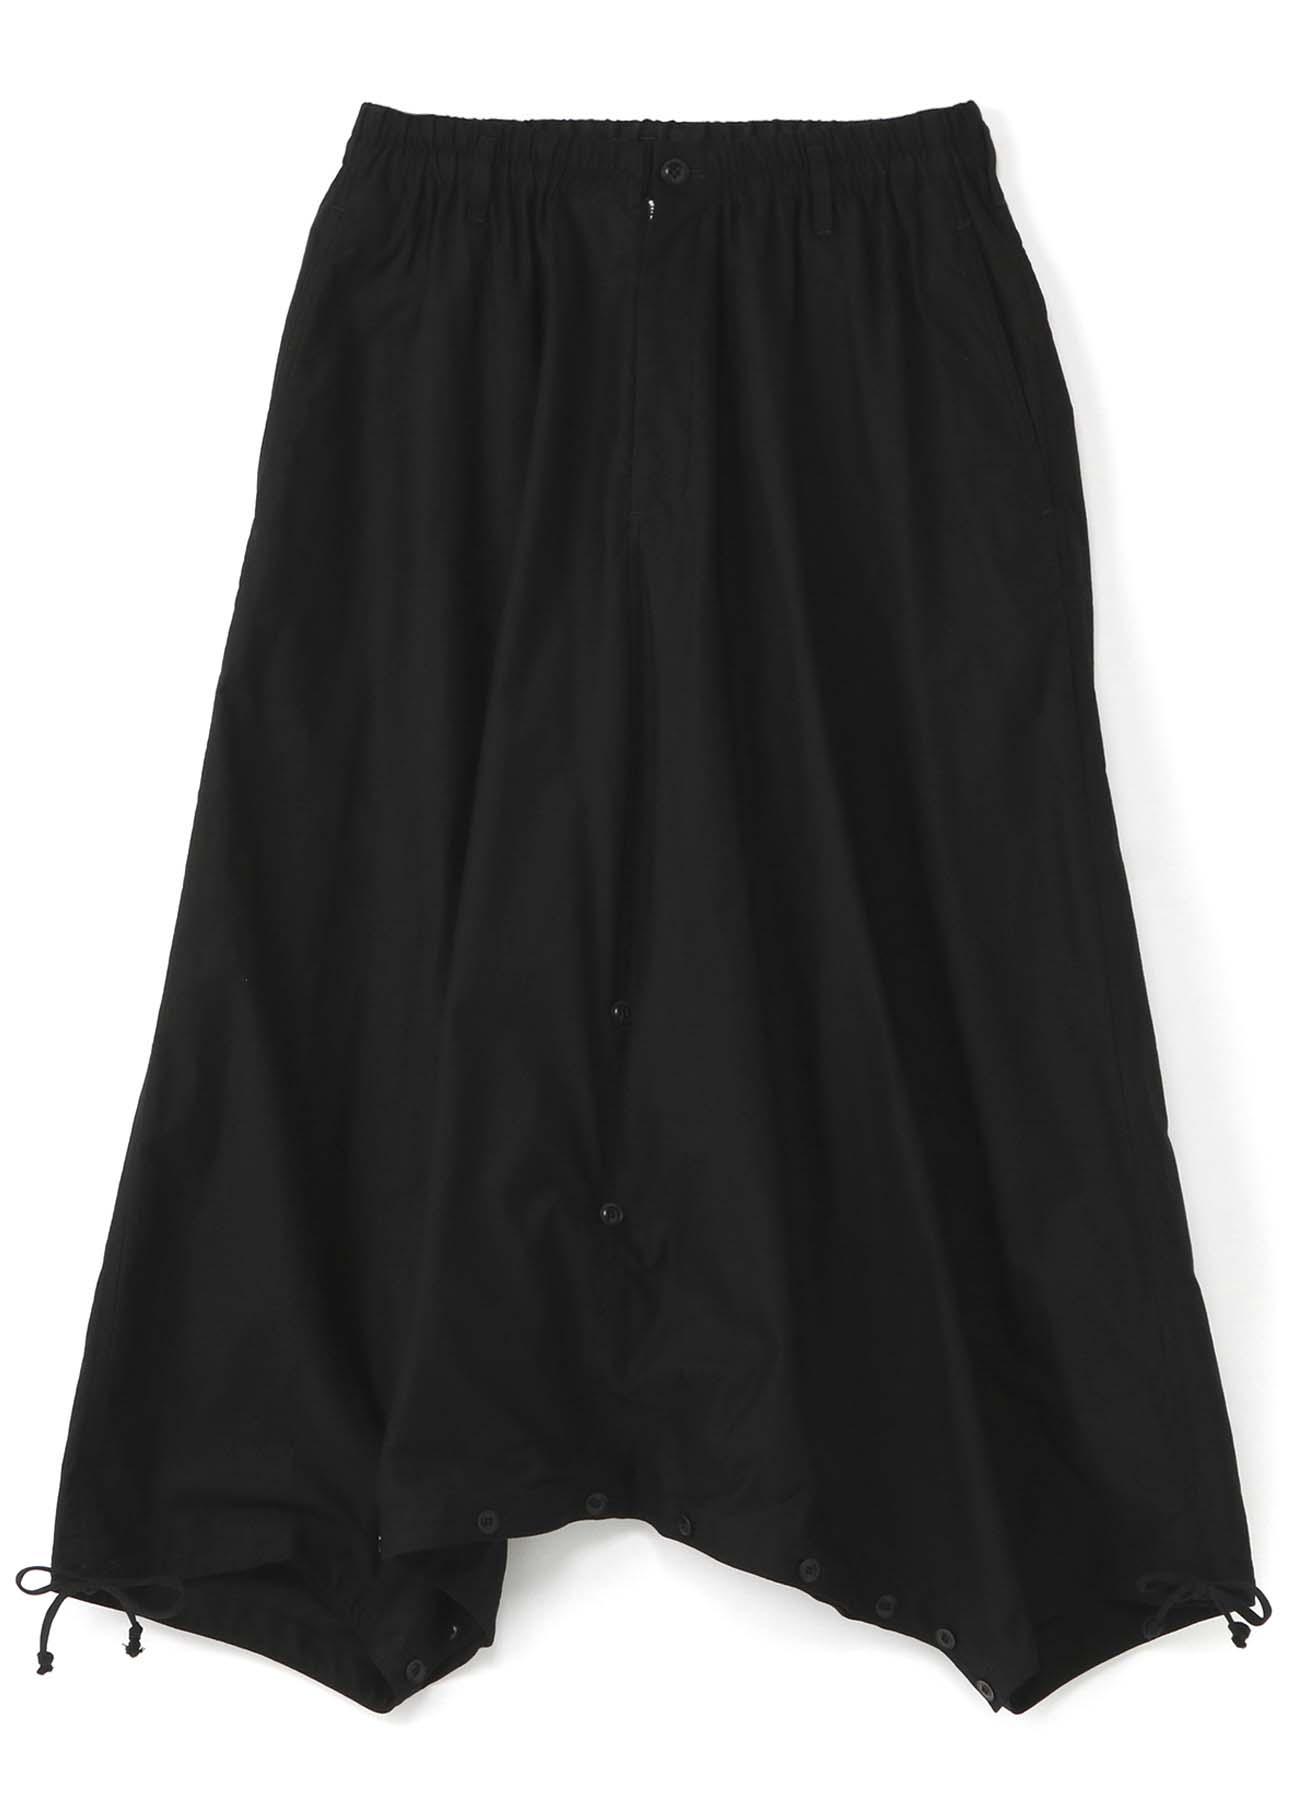 No. 12变形裙裤棉斜纹 - 厚